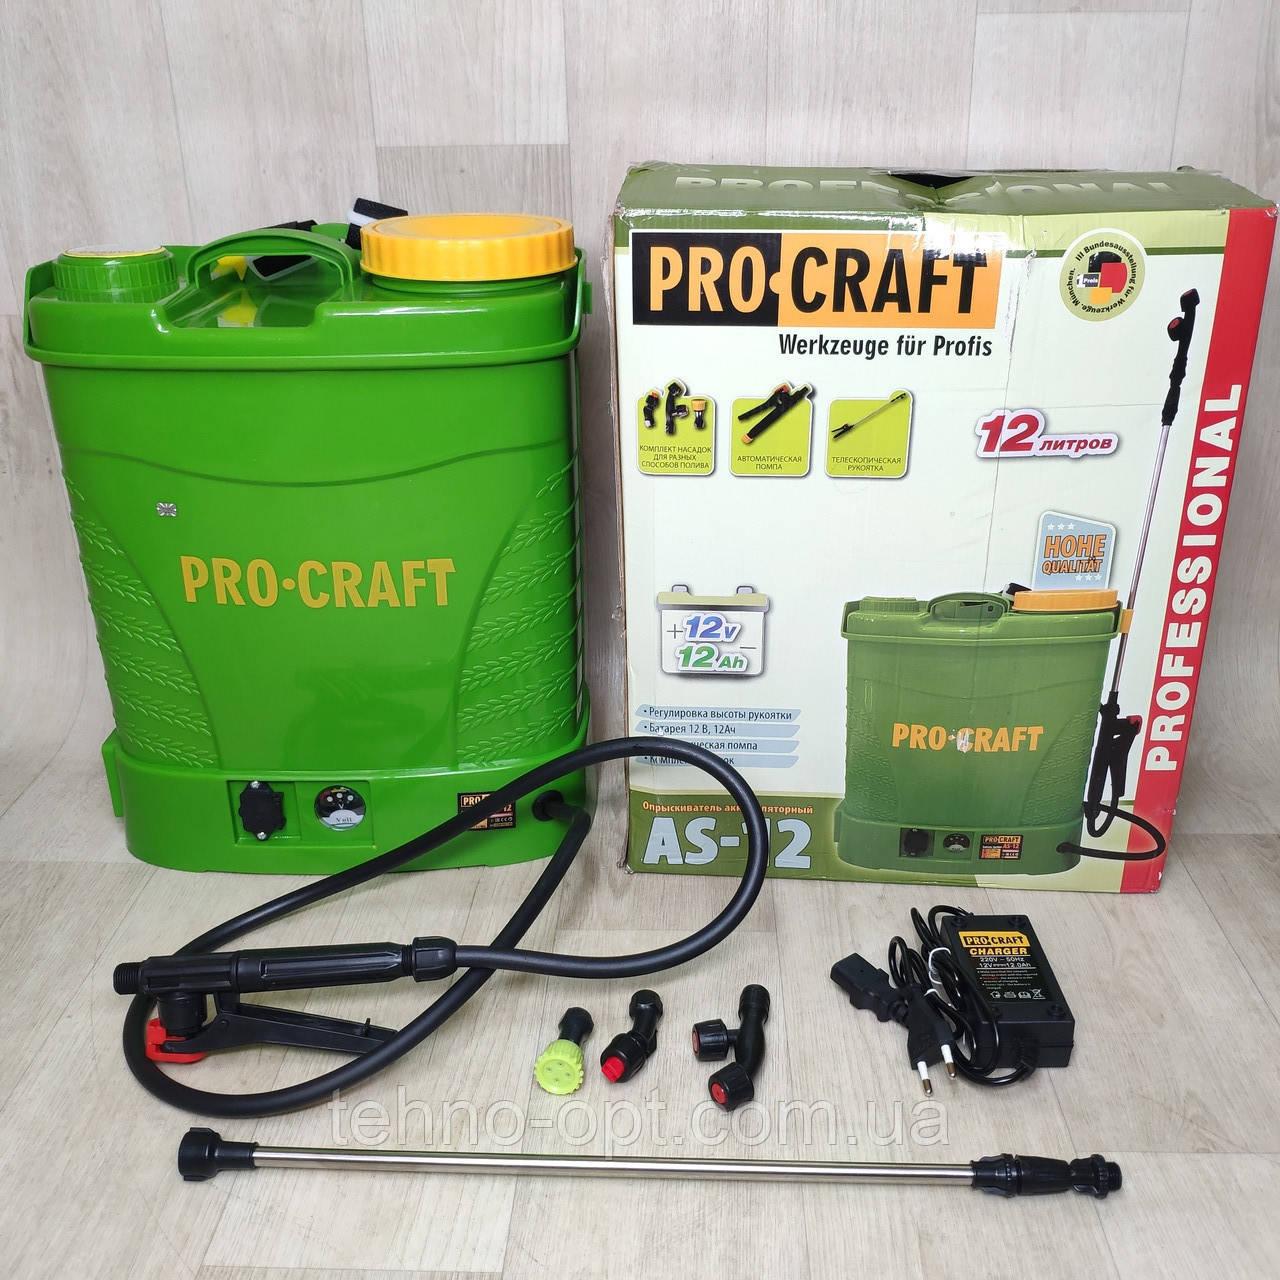 Опрыскиватель садовый аккумуляторный Procraft AS-12 литров